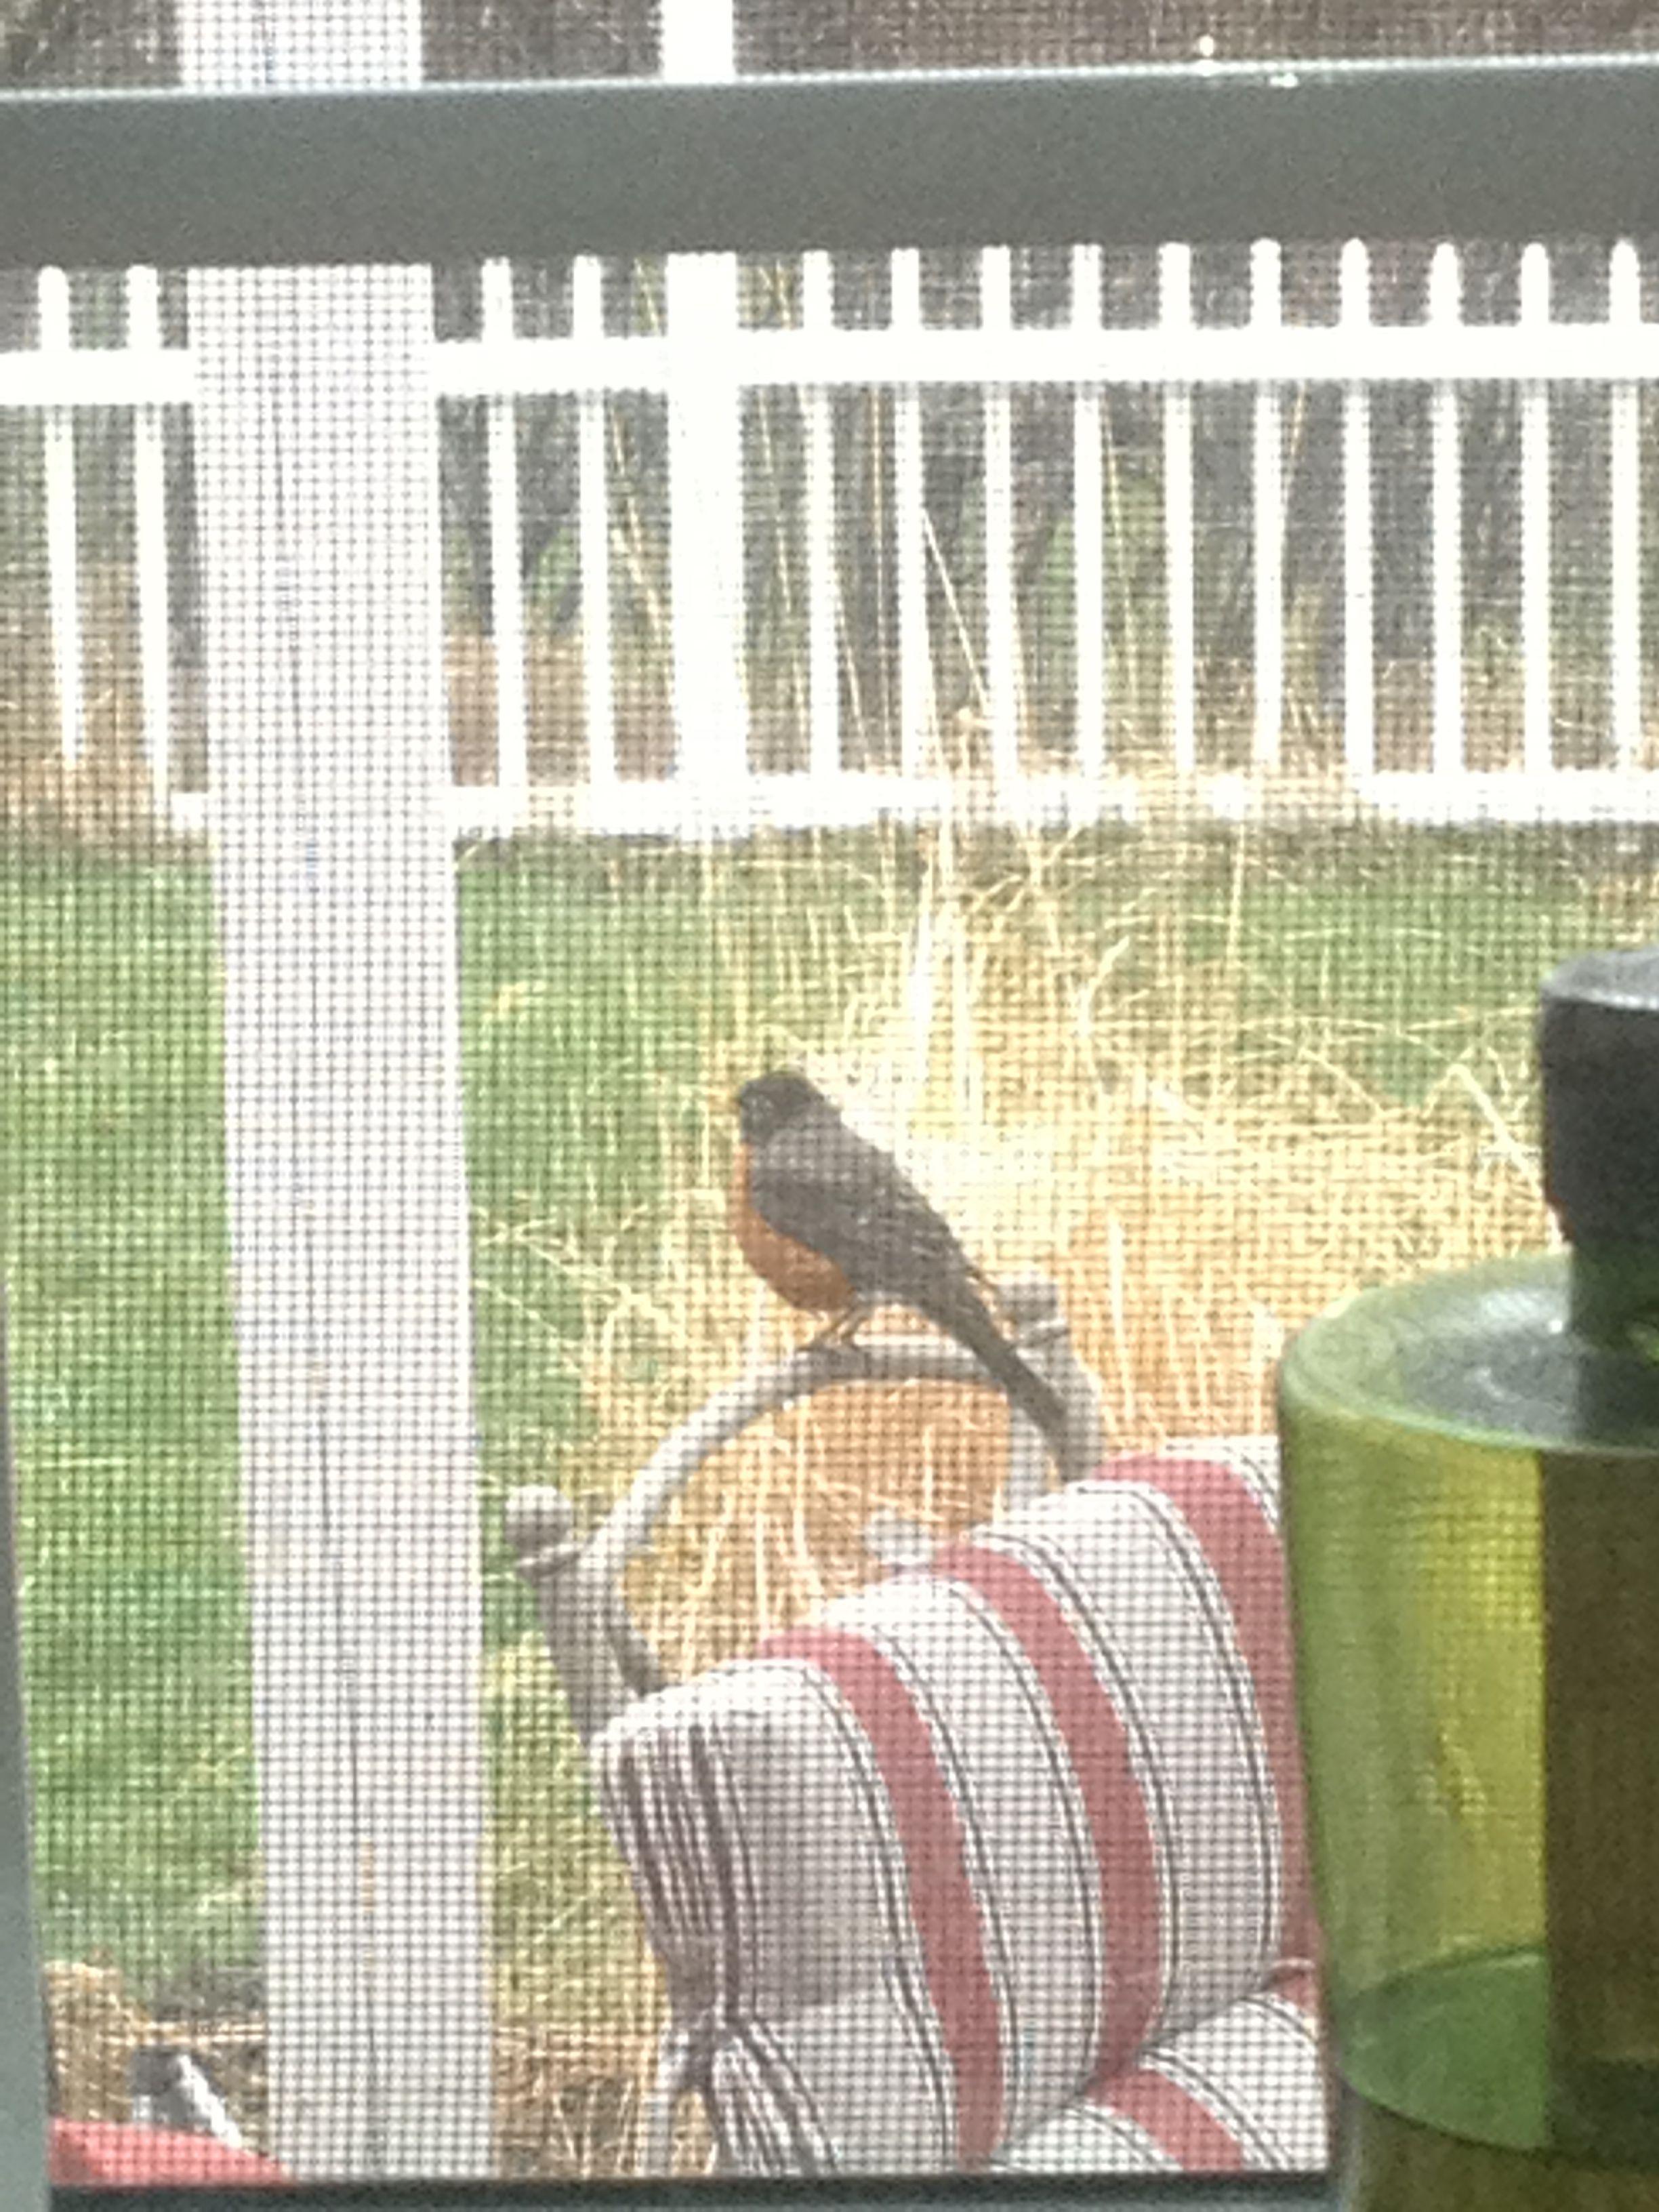 A pregnant bird outside...